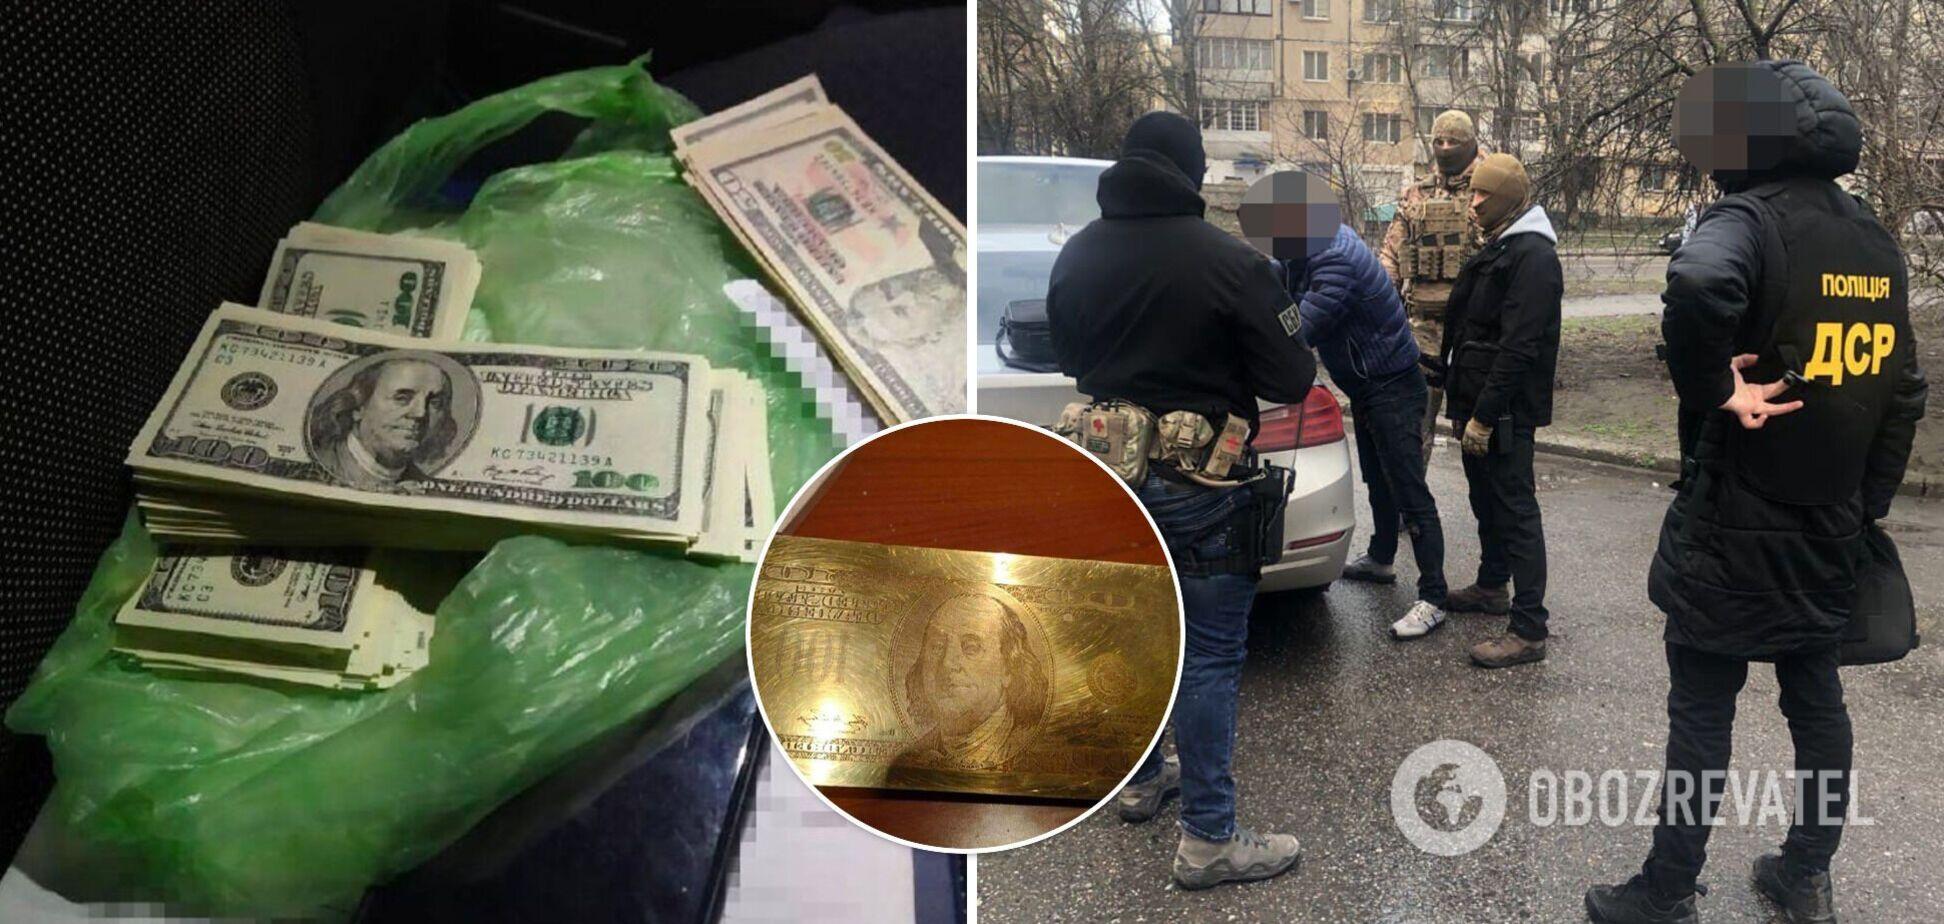 В Україні збували фальшивки, які не піддавалися перевірці. Фото